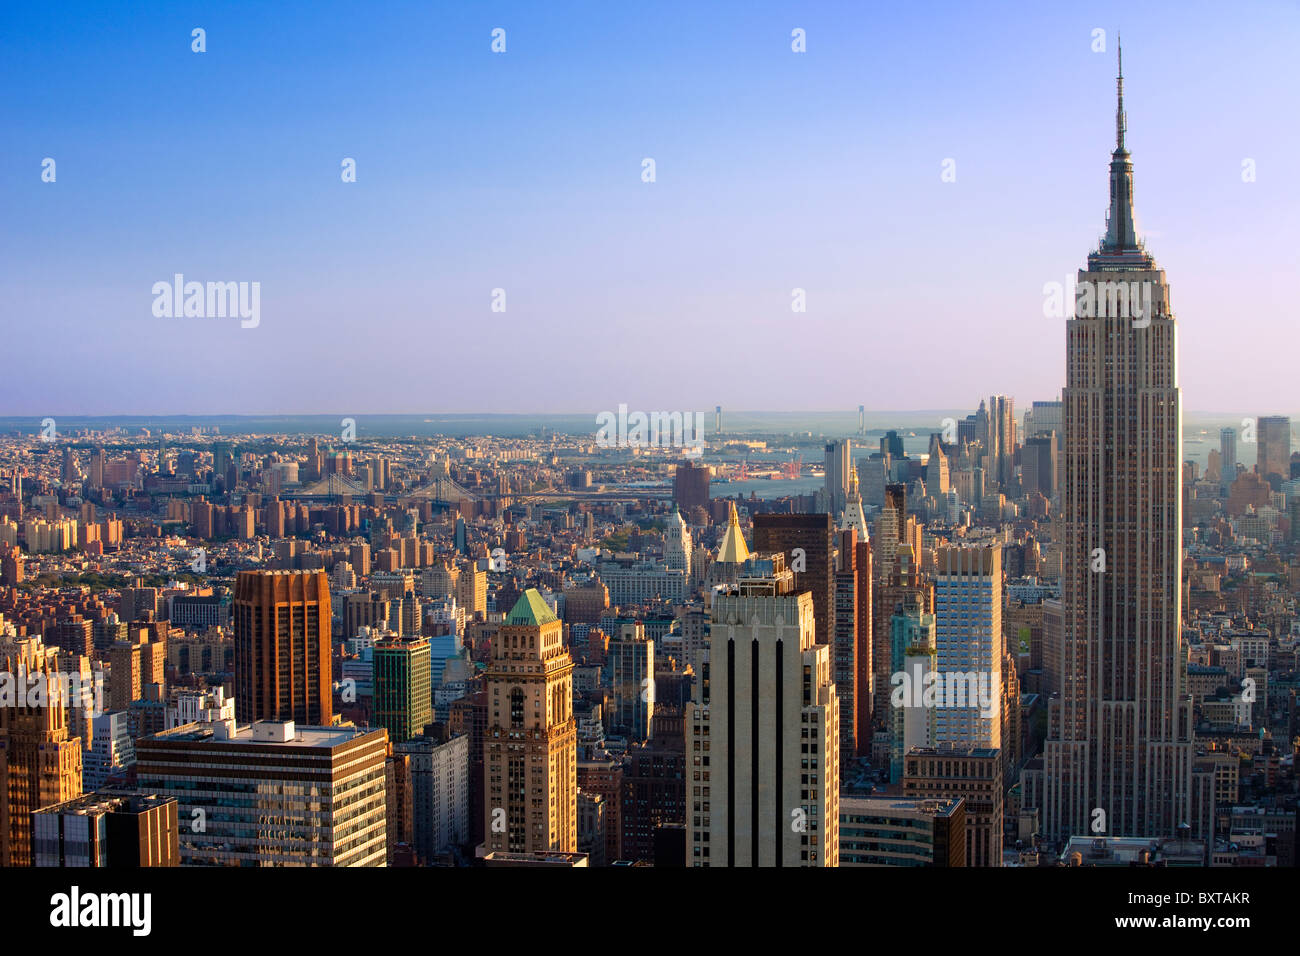 Späten Nachmittag Blick auf das Empire State Building und die Skyline von Manhattan, New York City, USA Stockbild